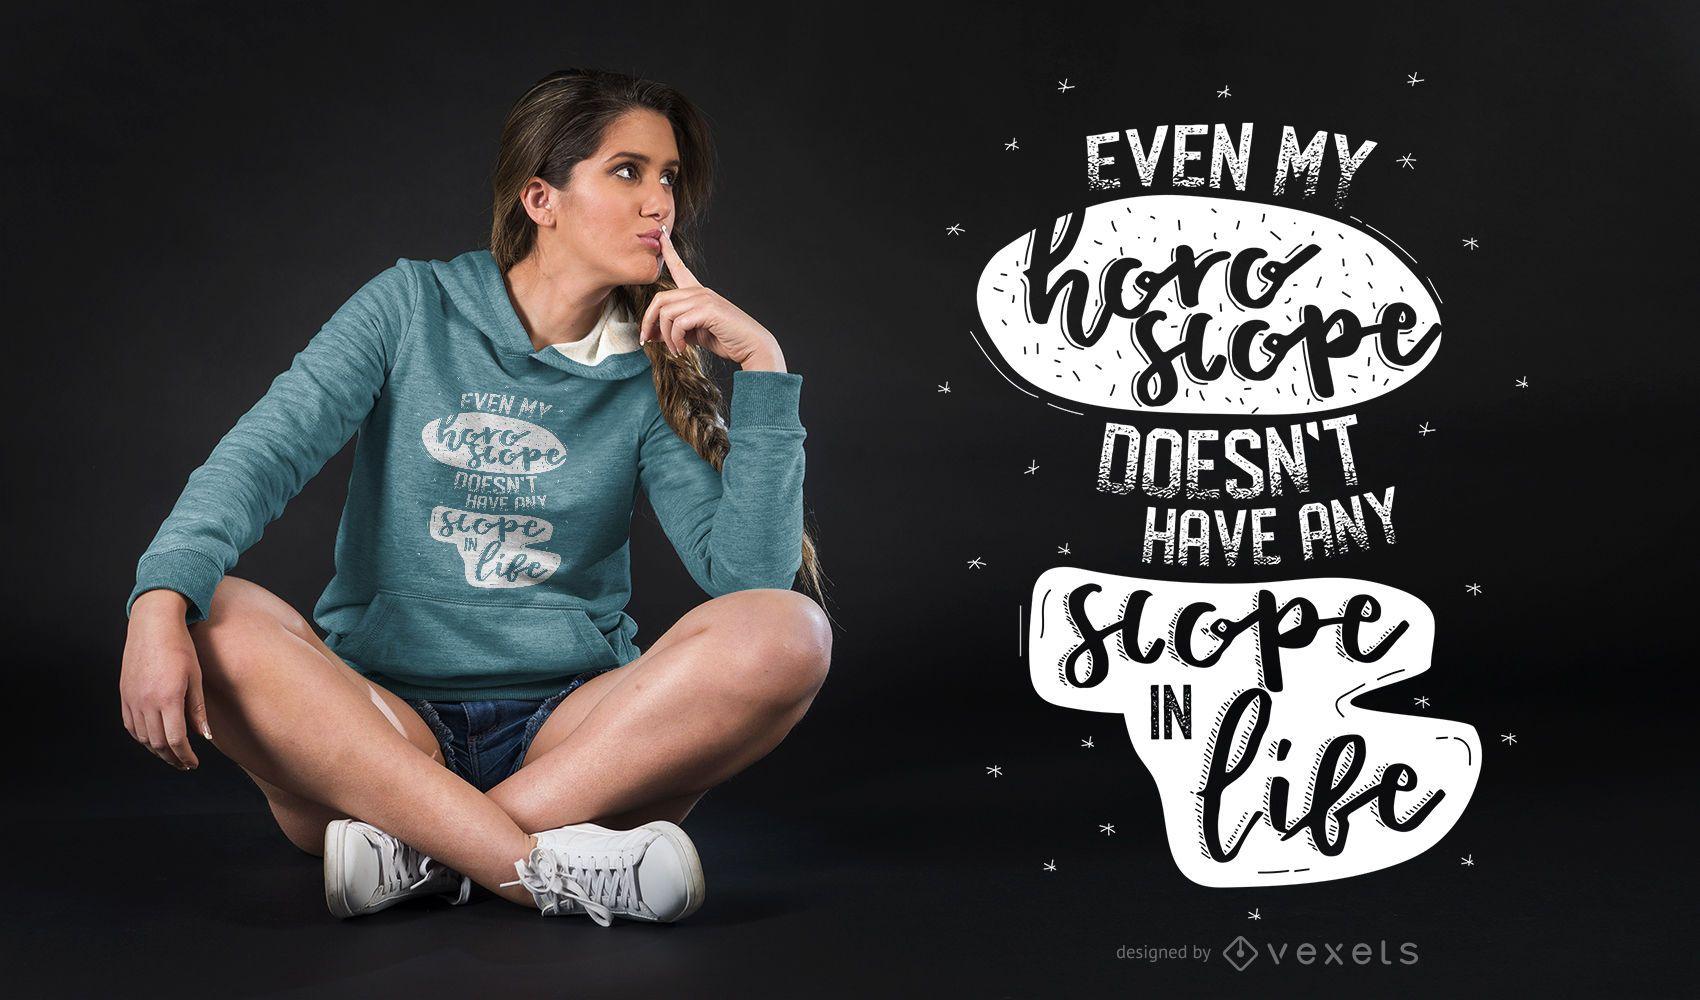 Horóscopo com citações engraçadas com design de camisetas